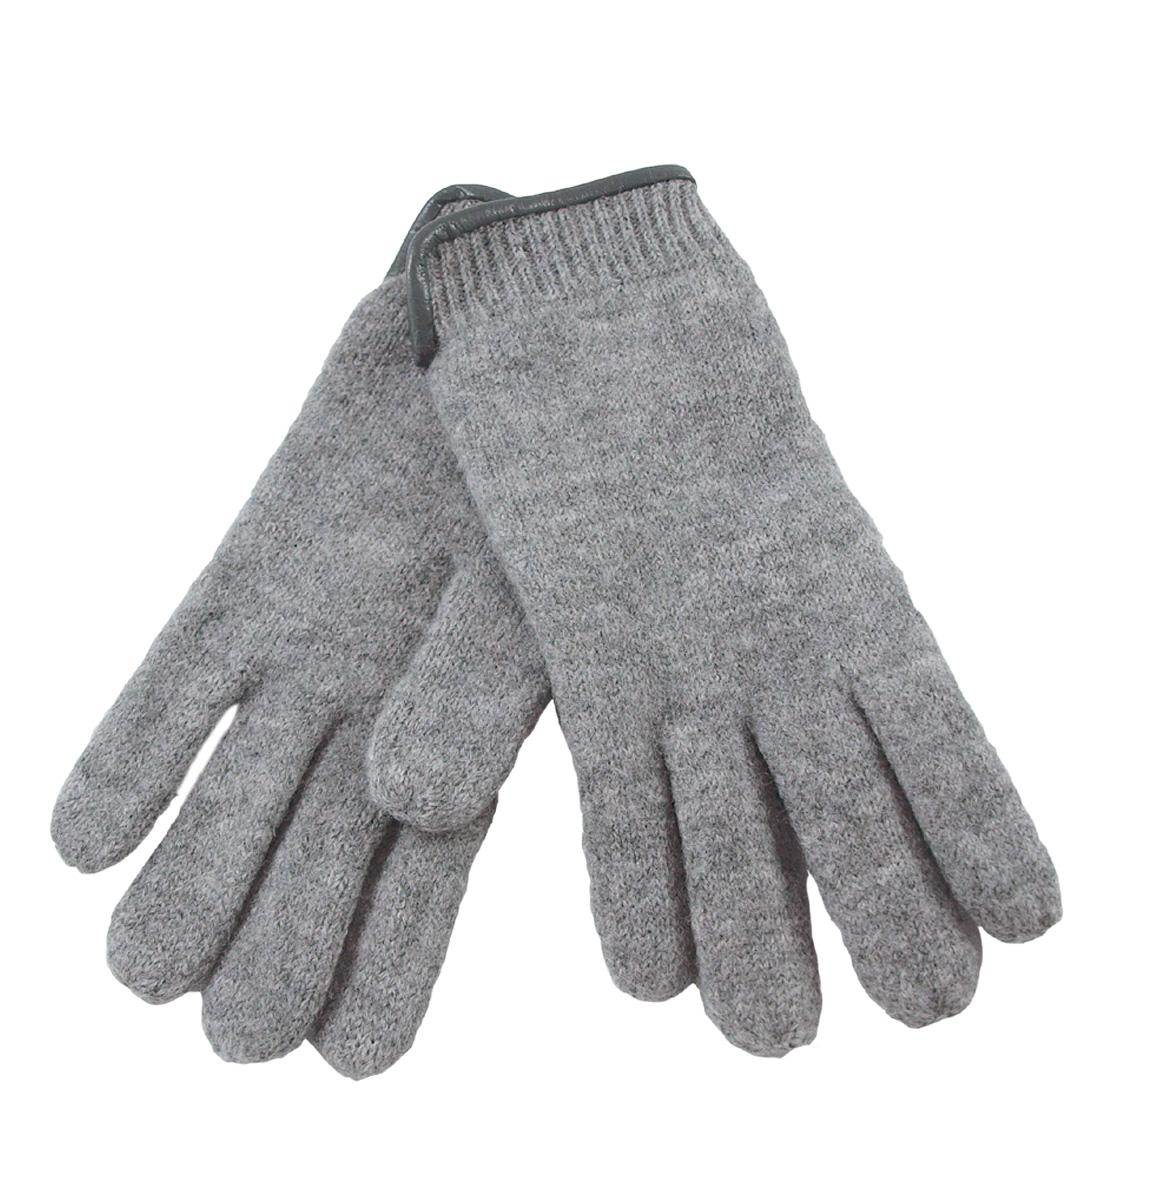 Janus dam fingerhandskar merinoull ljusgrå